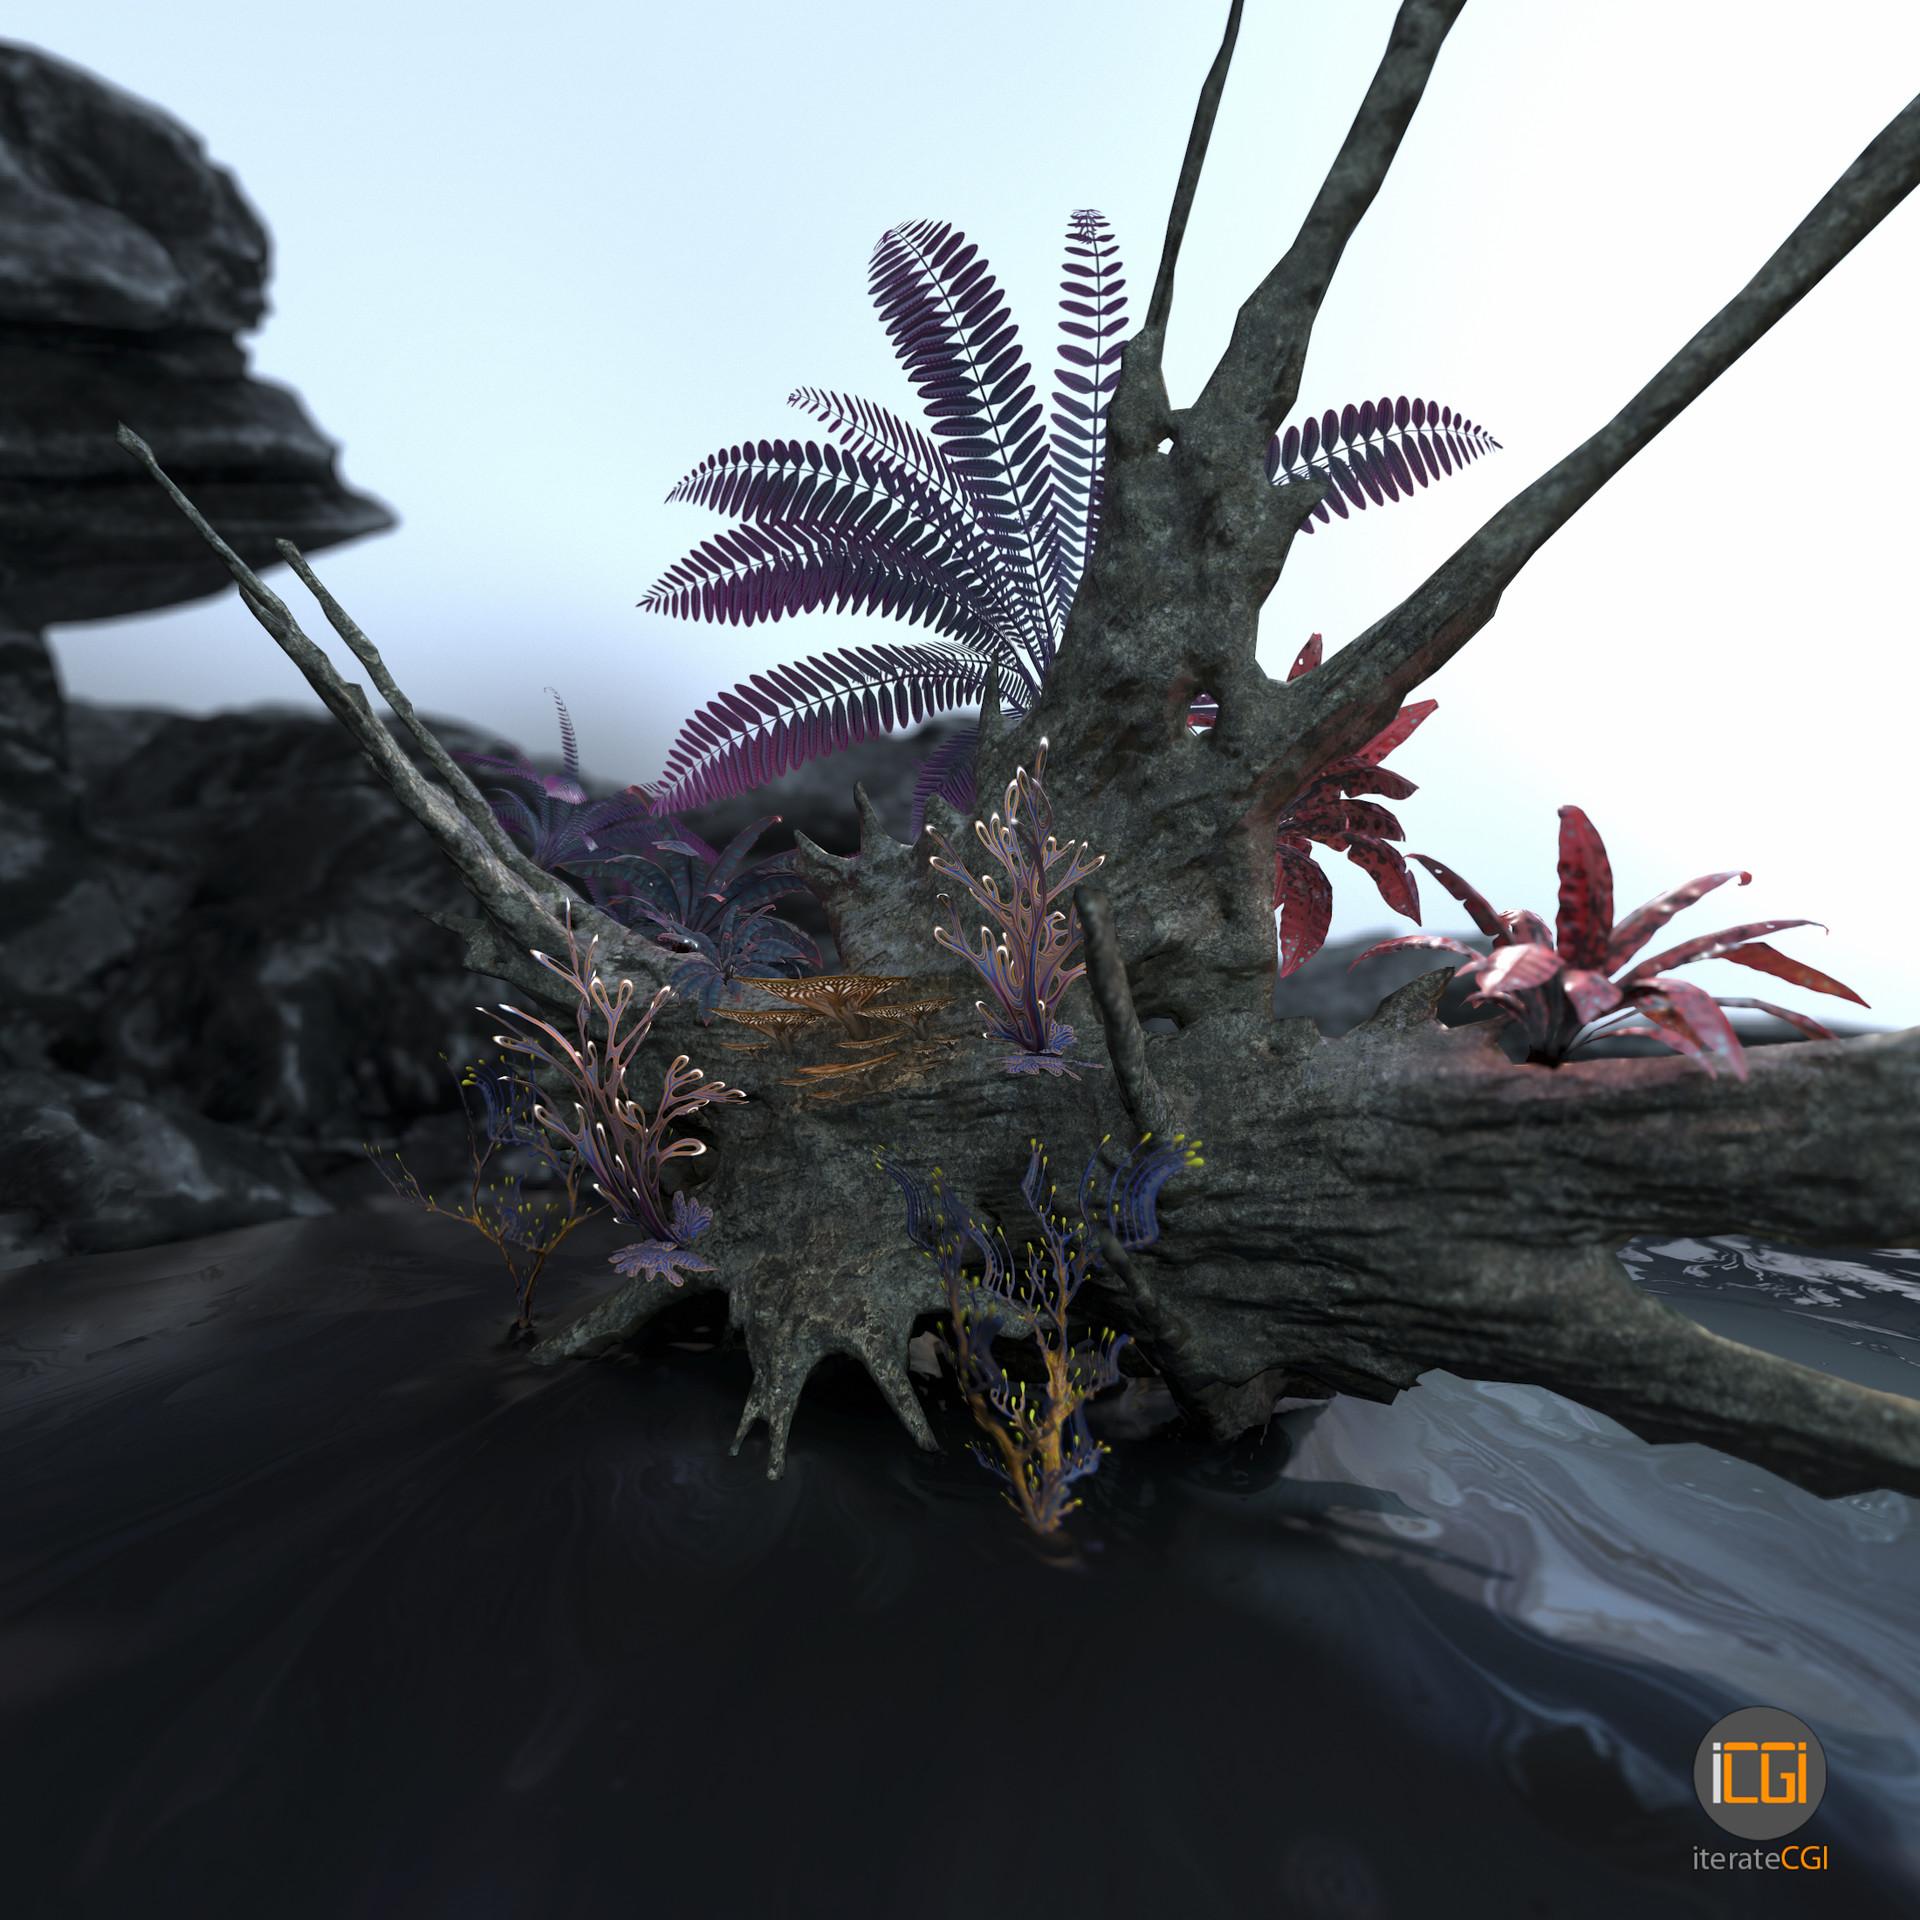 Johan de leenheer alien plant collection9